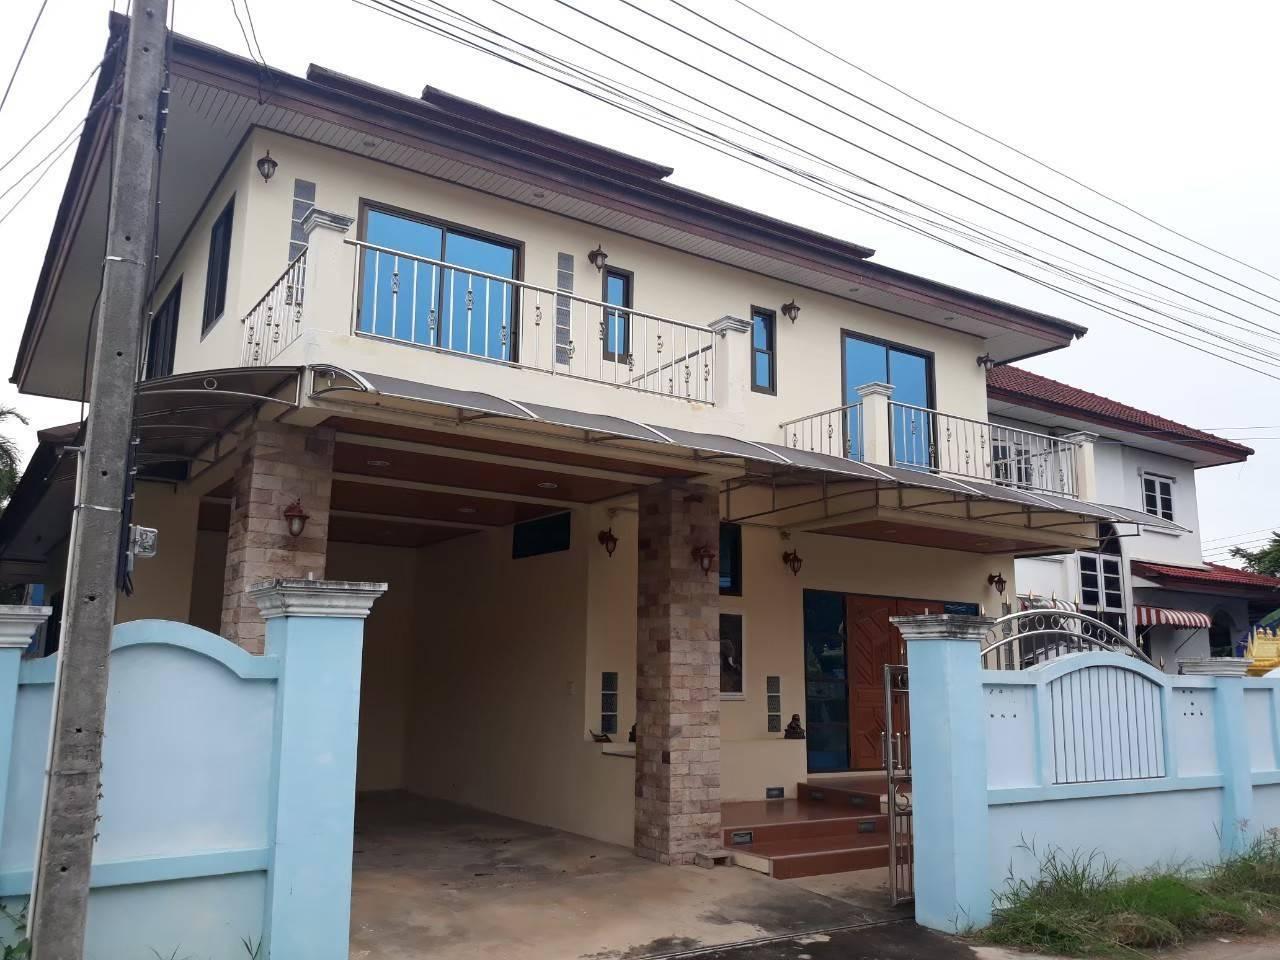 ขายบ้านเดี่ยว ซอยบ้านปรก 18 เนื้อที่ 54 ตร.ว. มี 3 ห้องนอน 3 น้ำ บ้านสวยราคาถูก รูปที่ 1